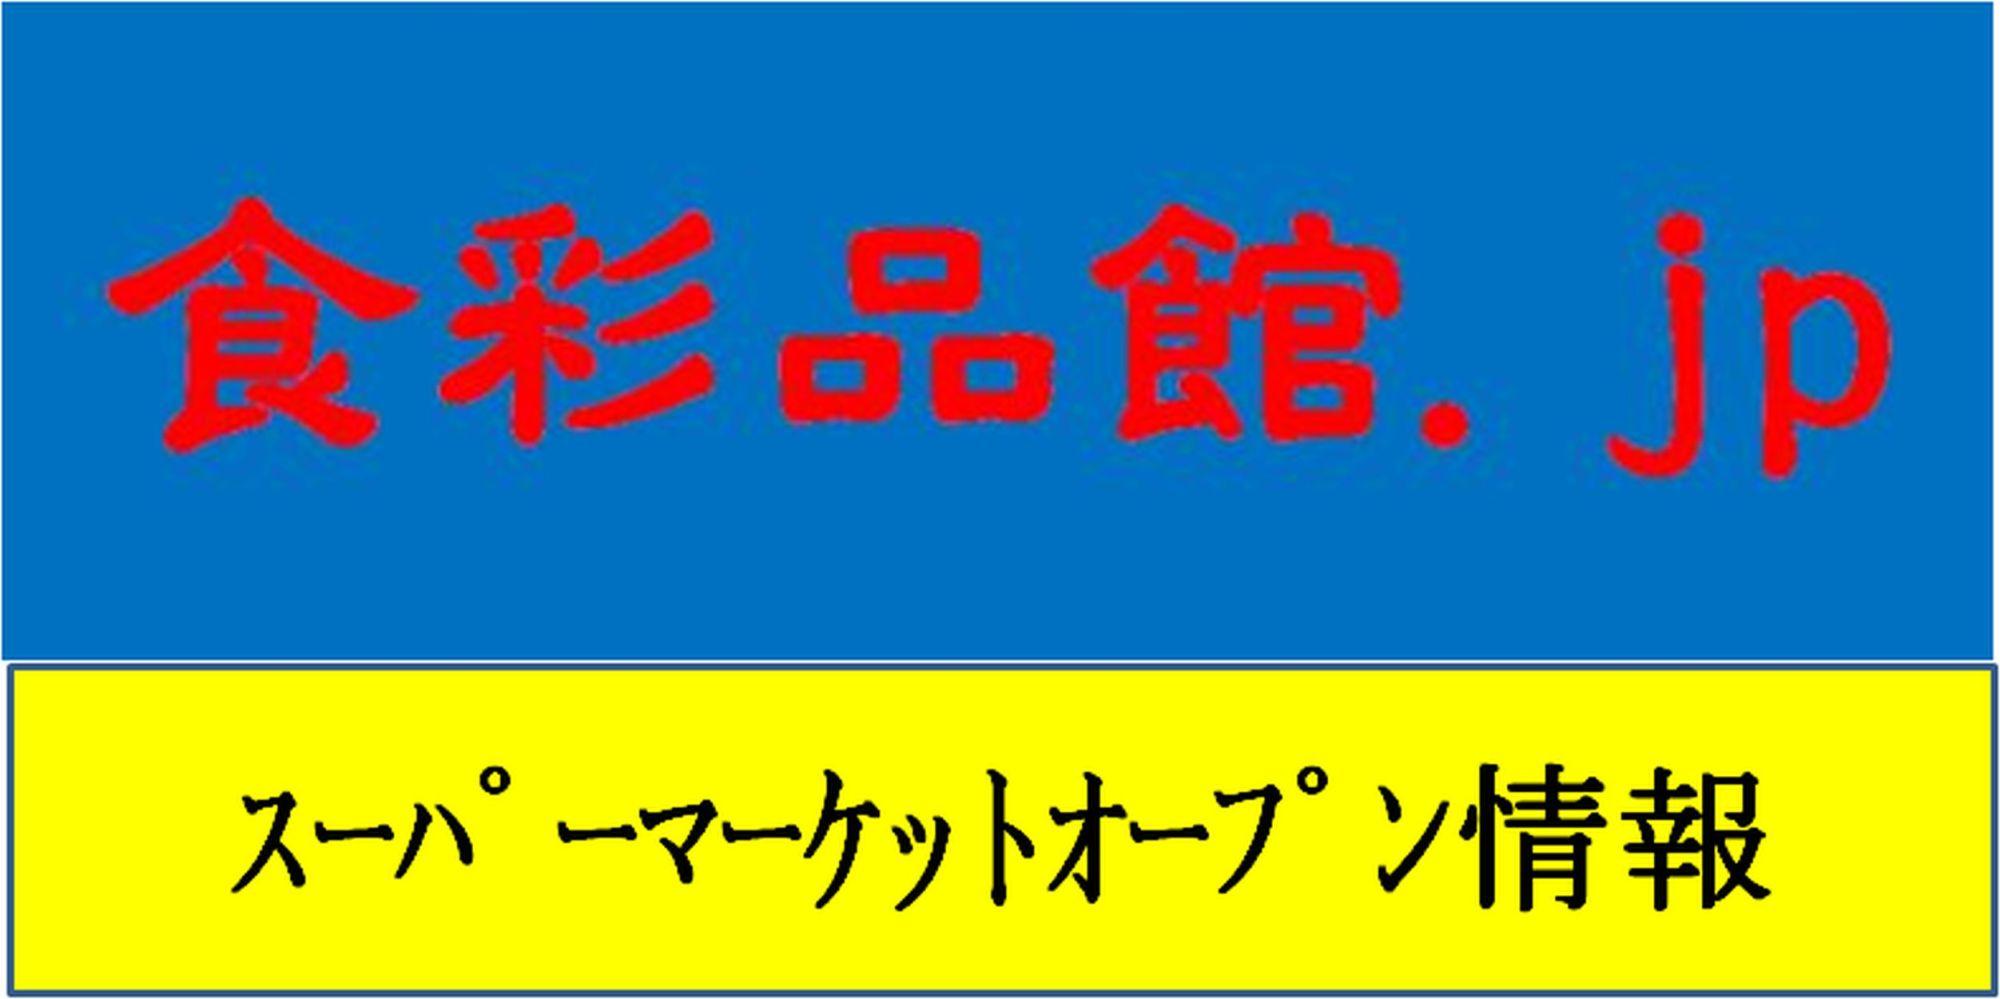 広島 エブリィ